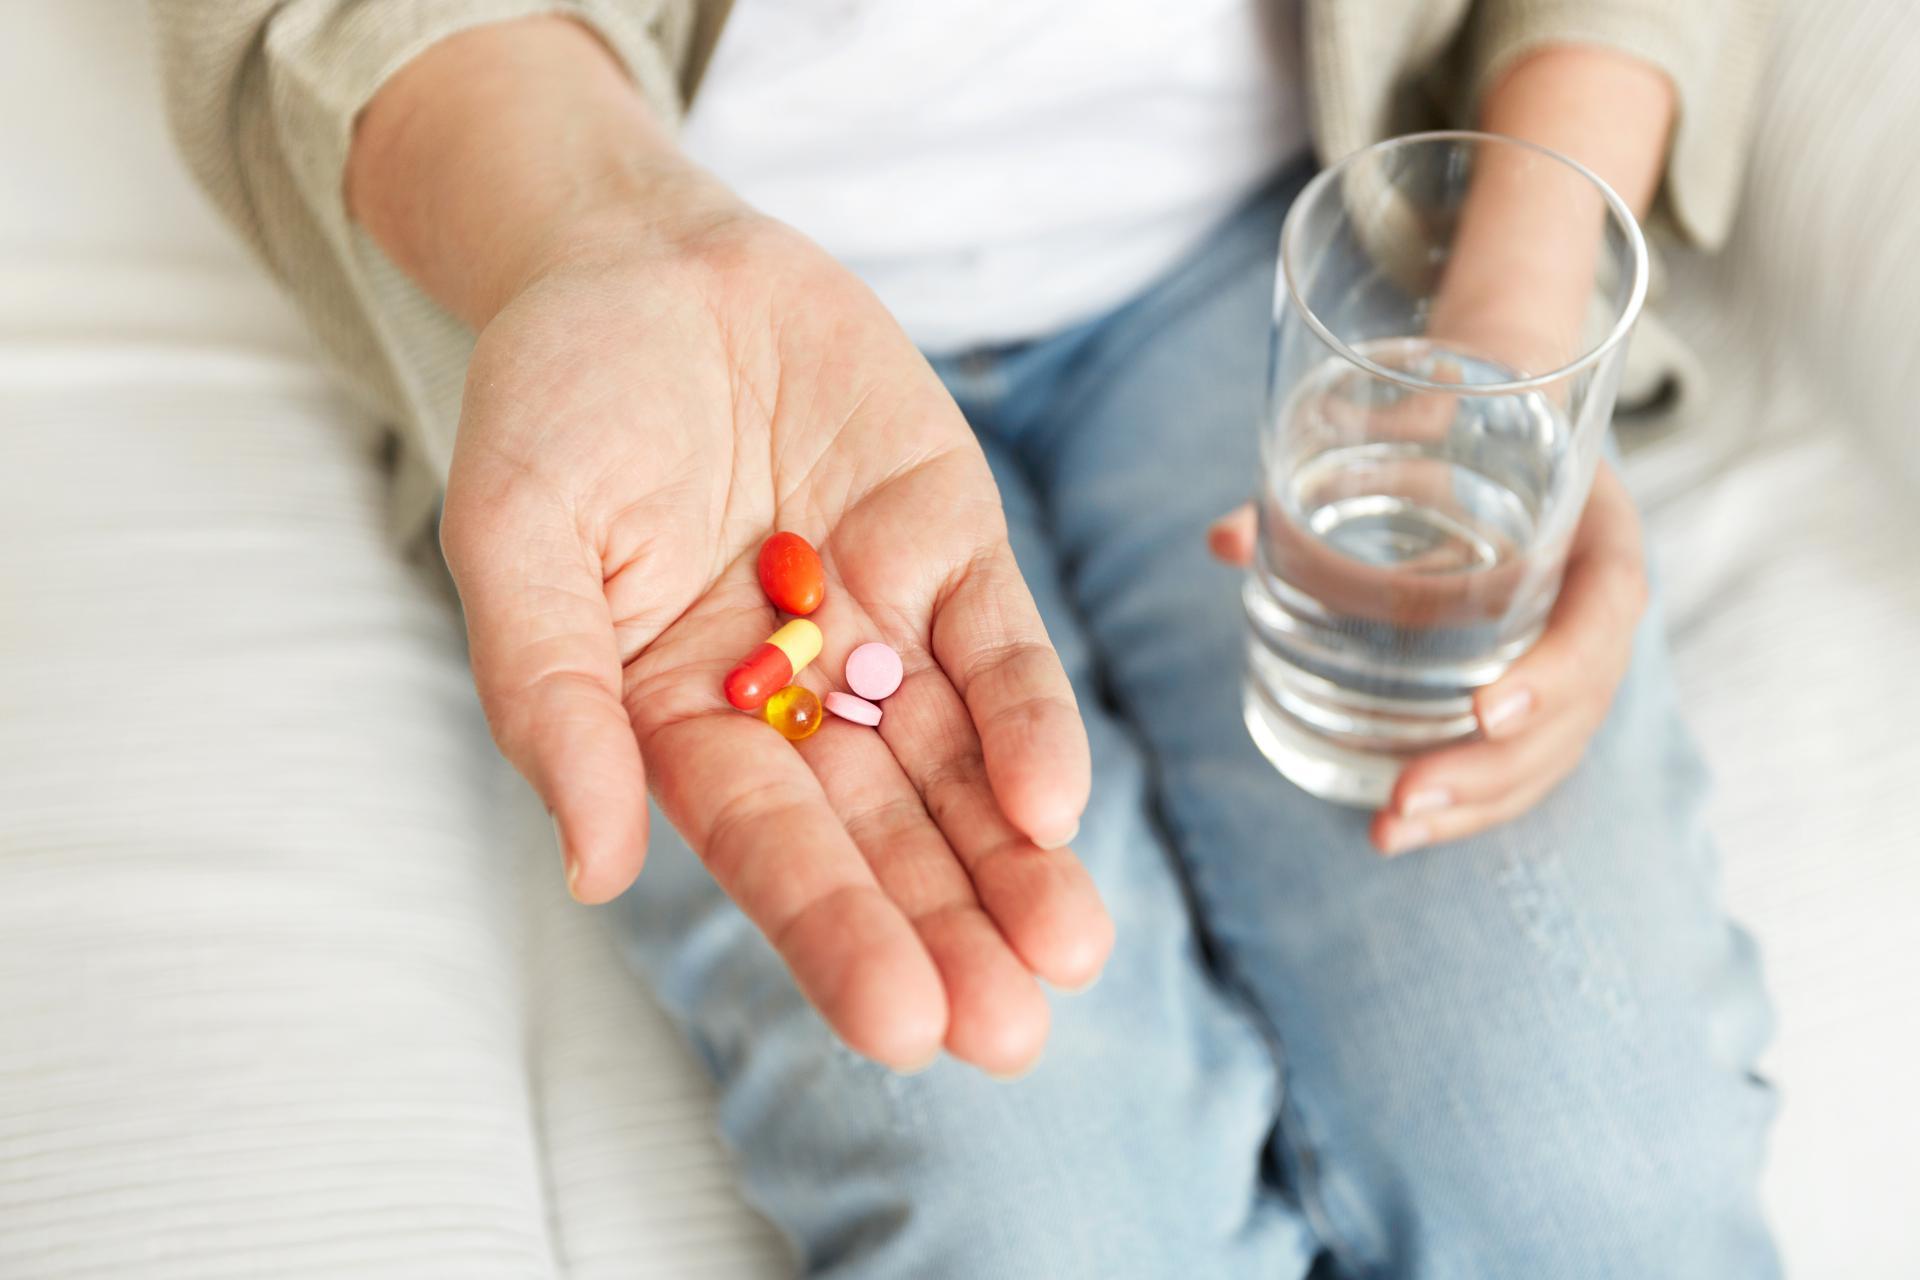 terapija lijekovima za liječenje visokog krvnog tlaka puštanje krvi pomaže kod povišenog krvnog tlaka